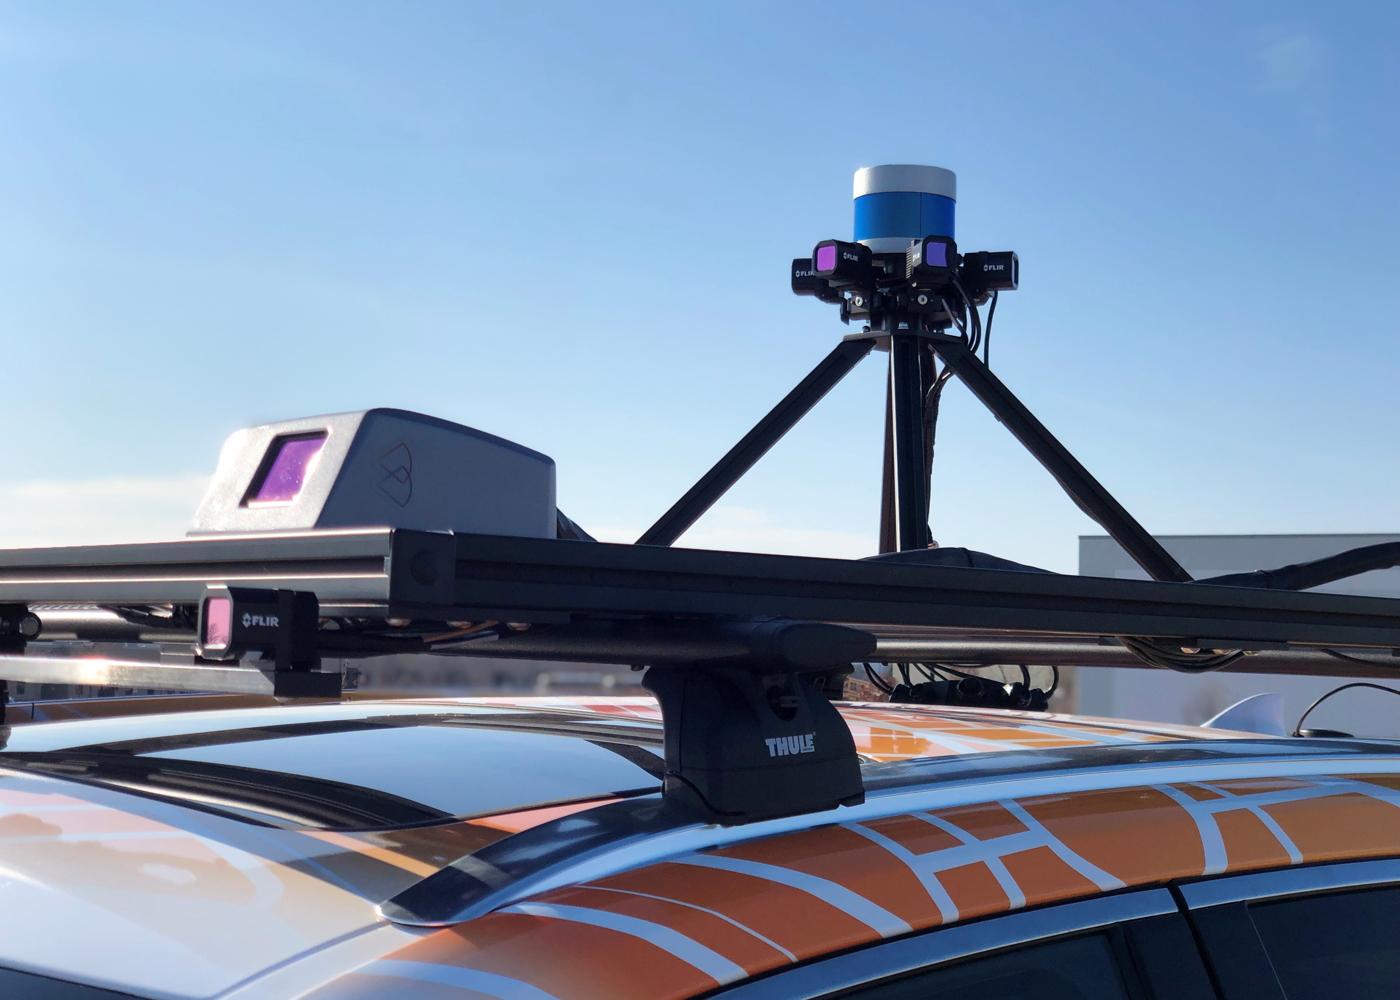 FLIR autonomous car with Boson sensors